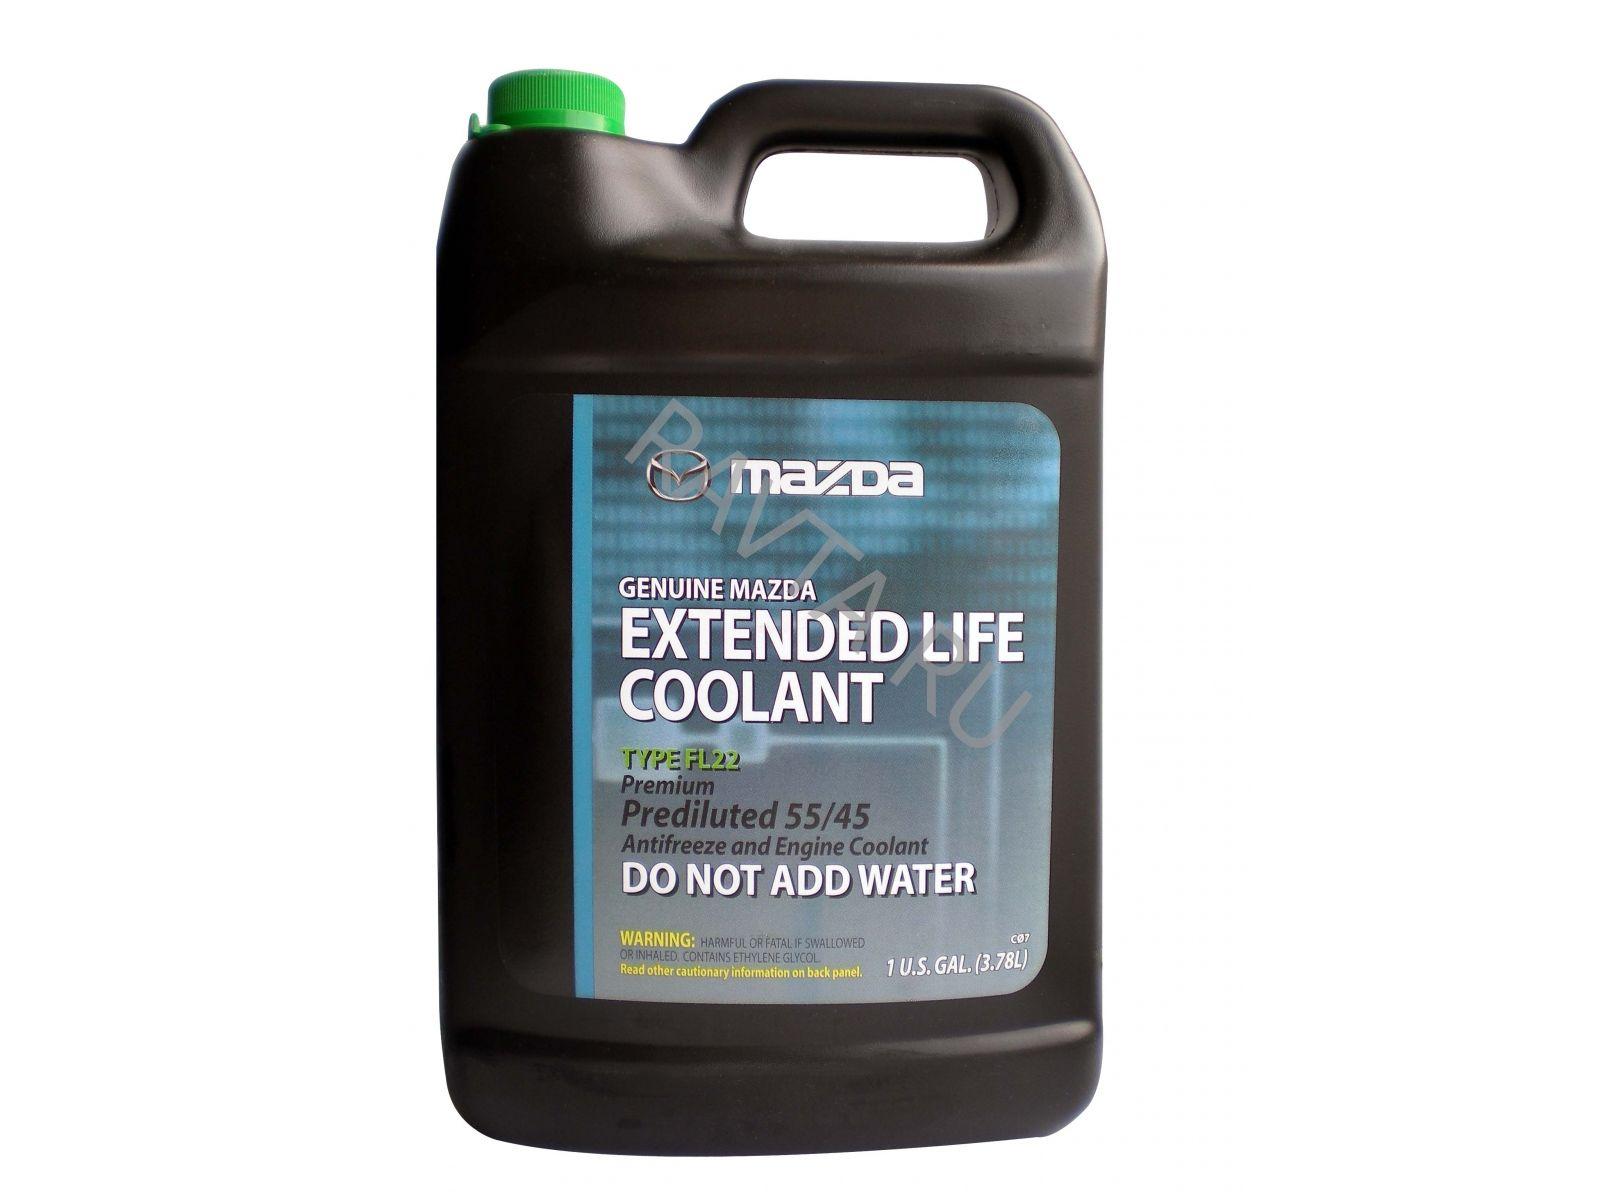 LanvinАвтор парфюма какой тасол лить в мазда6 стойкости ароматы разделяются